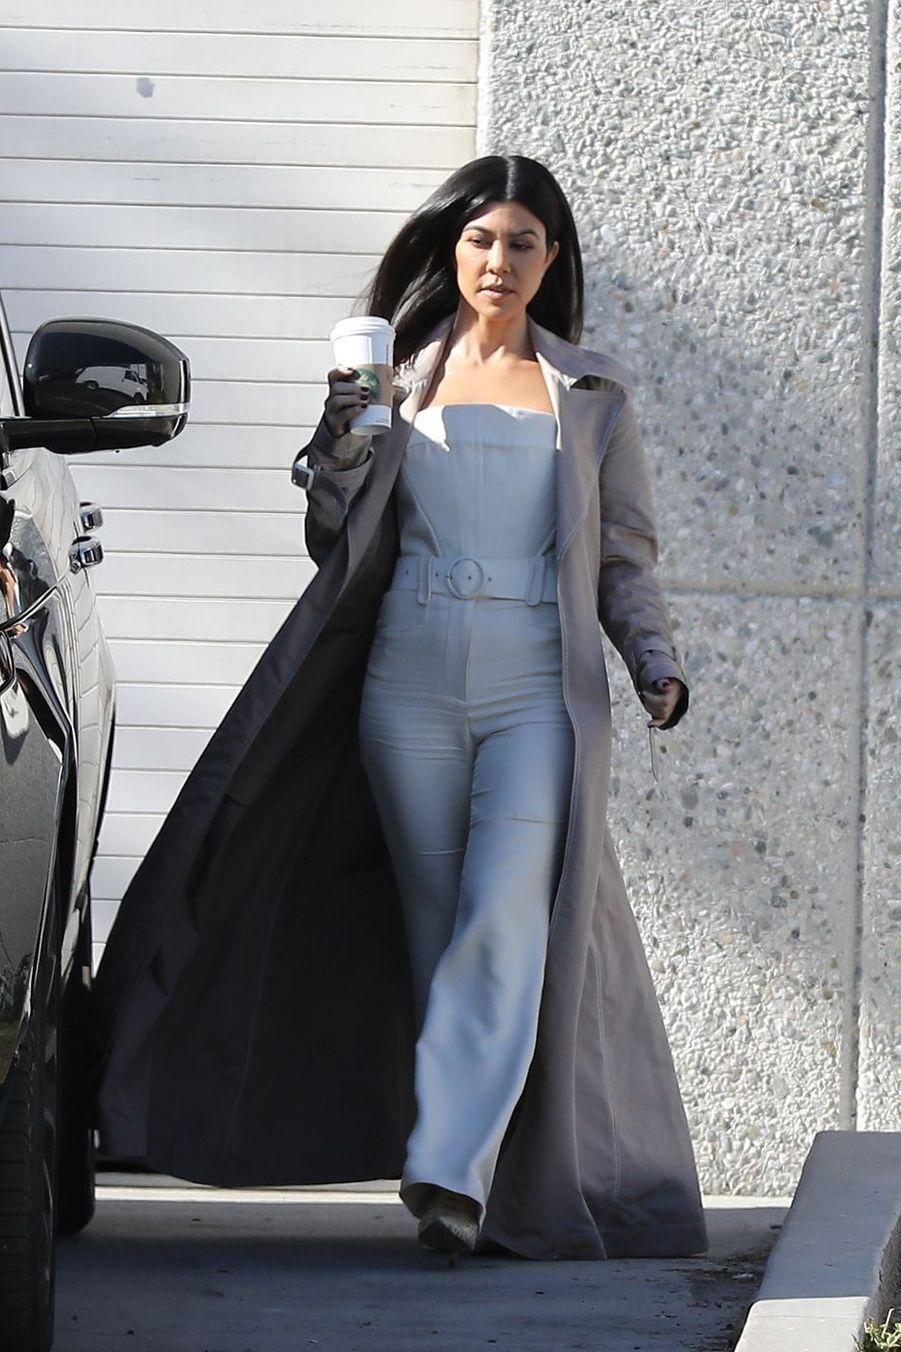 Kourtney Kardashian à la sortie des bureaux de son beau-frère Kayne West à Calabasas, le 19 février 2019